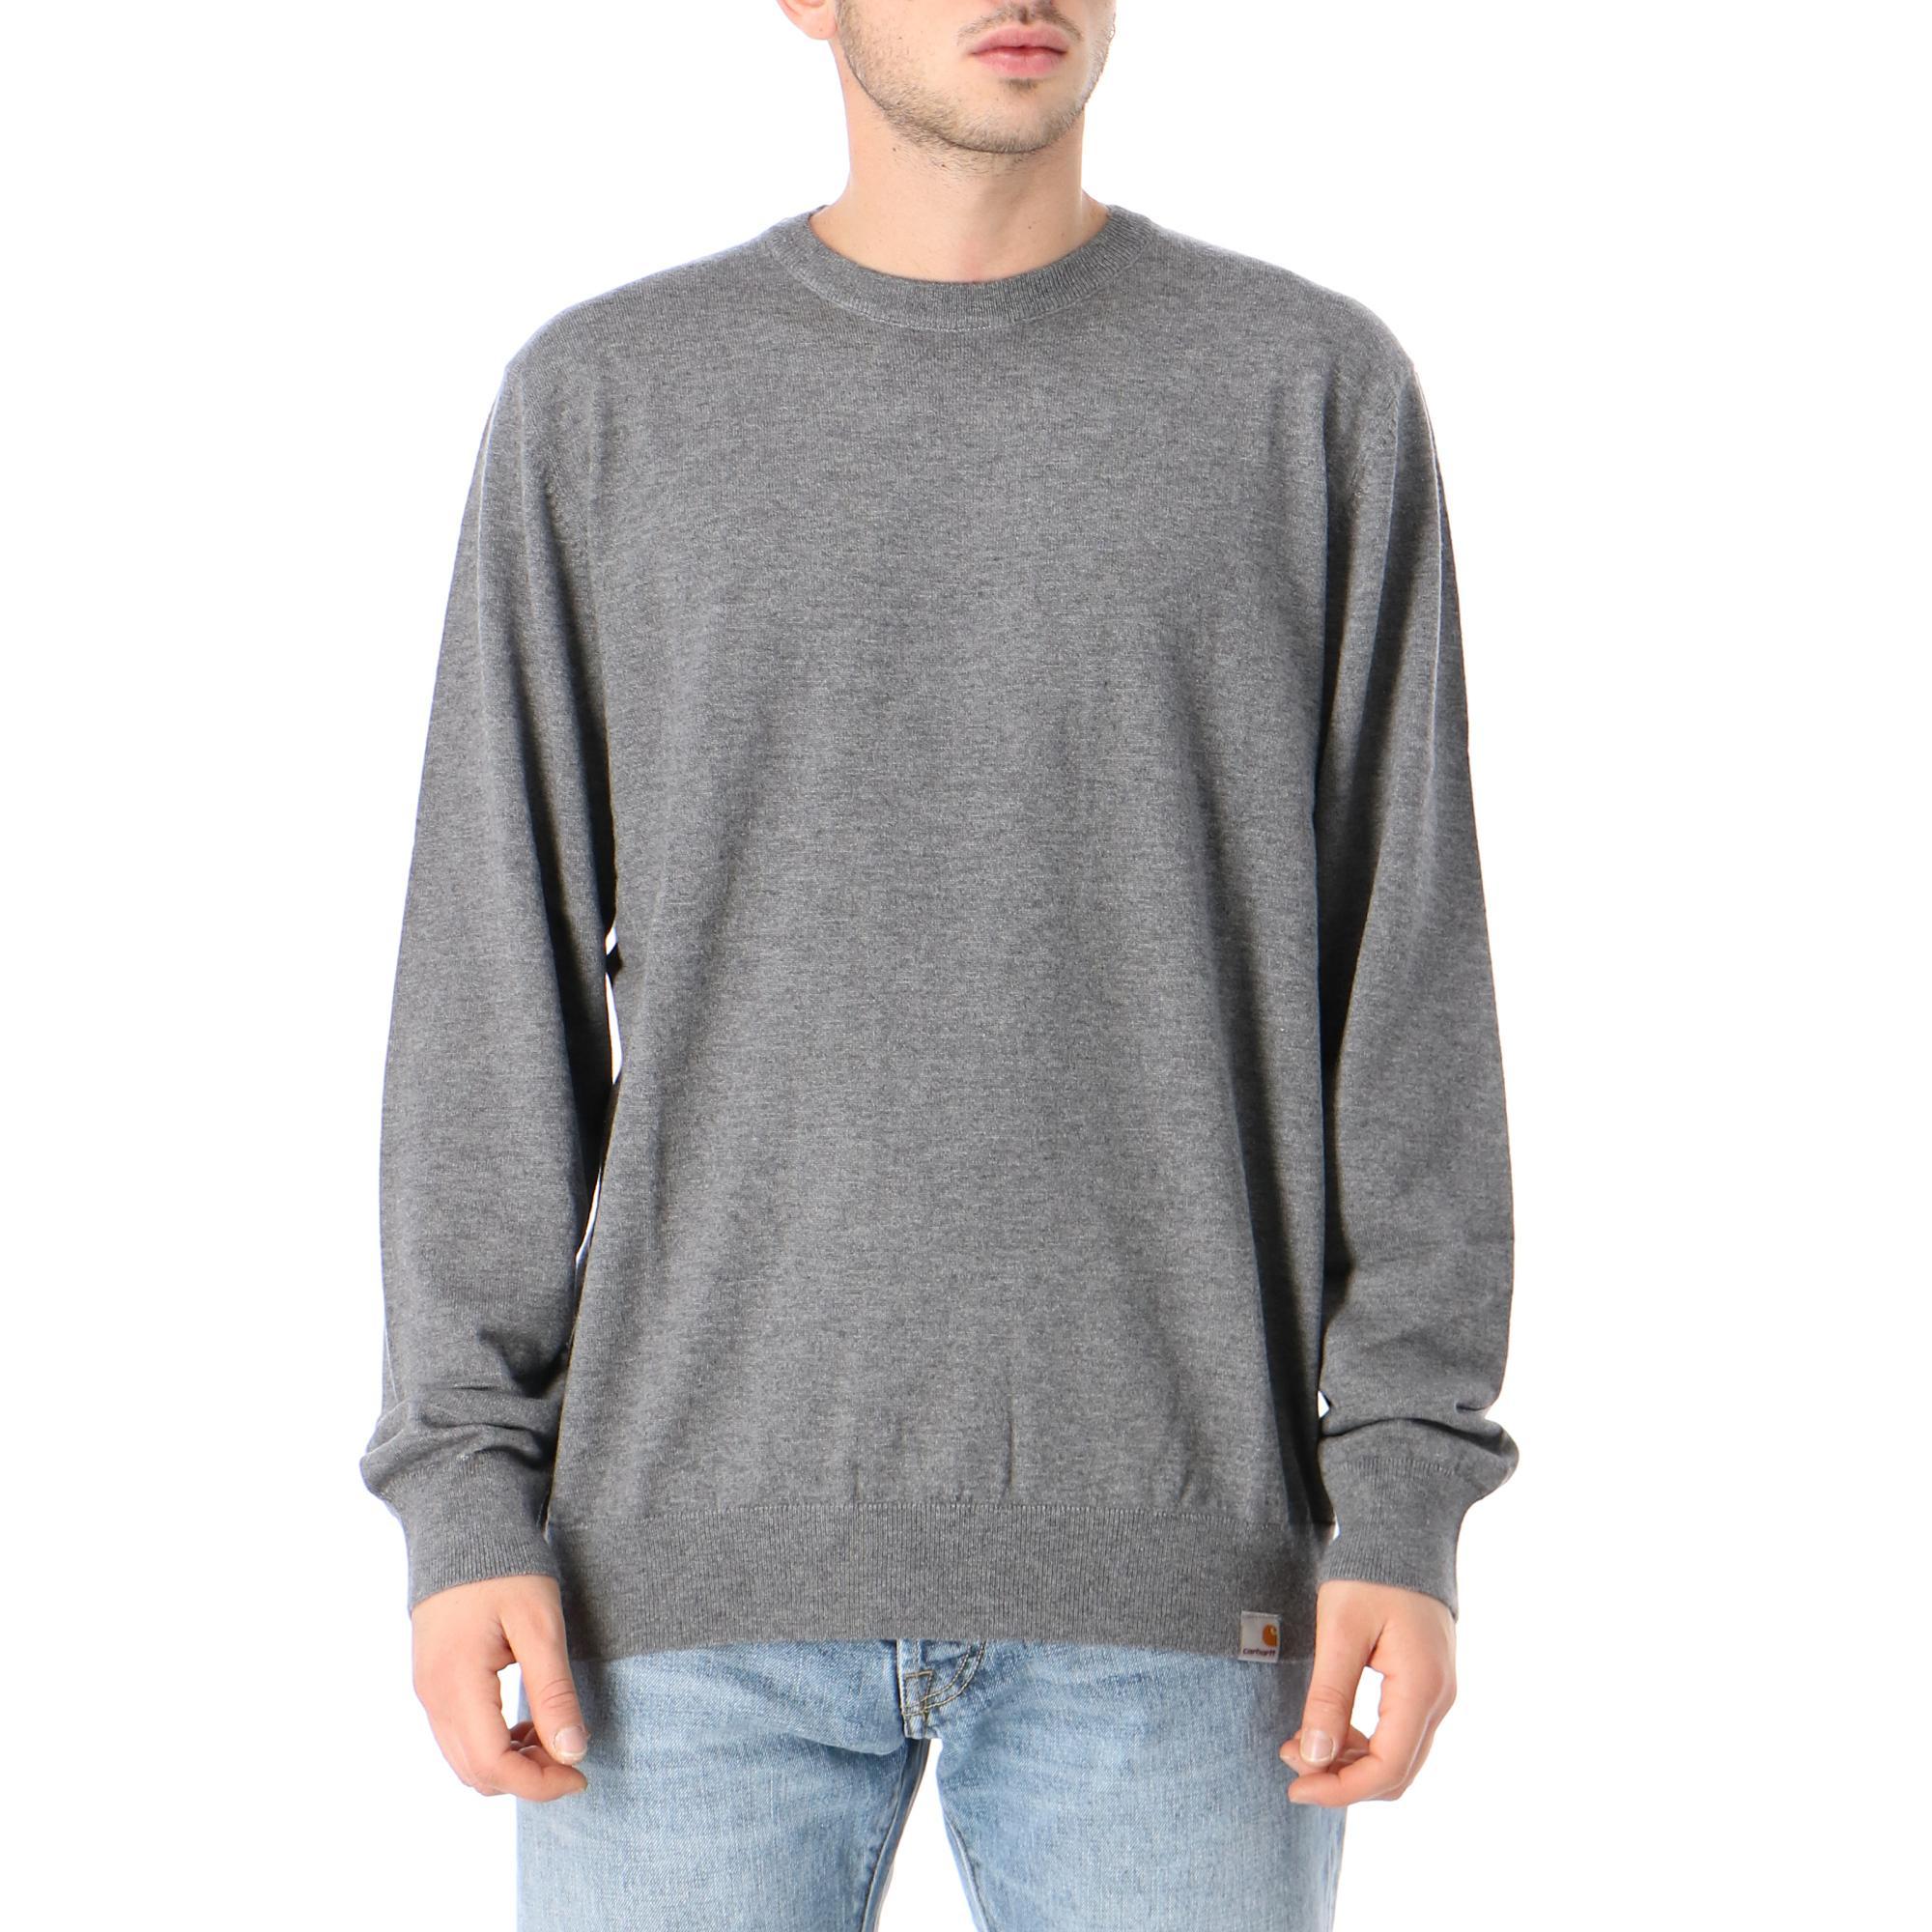 Carhartt Playoff Sweater Dark grey heather